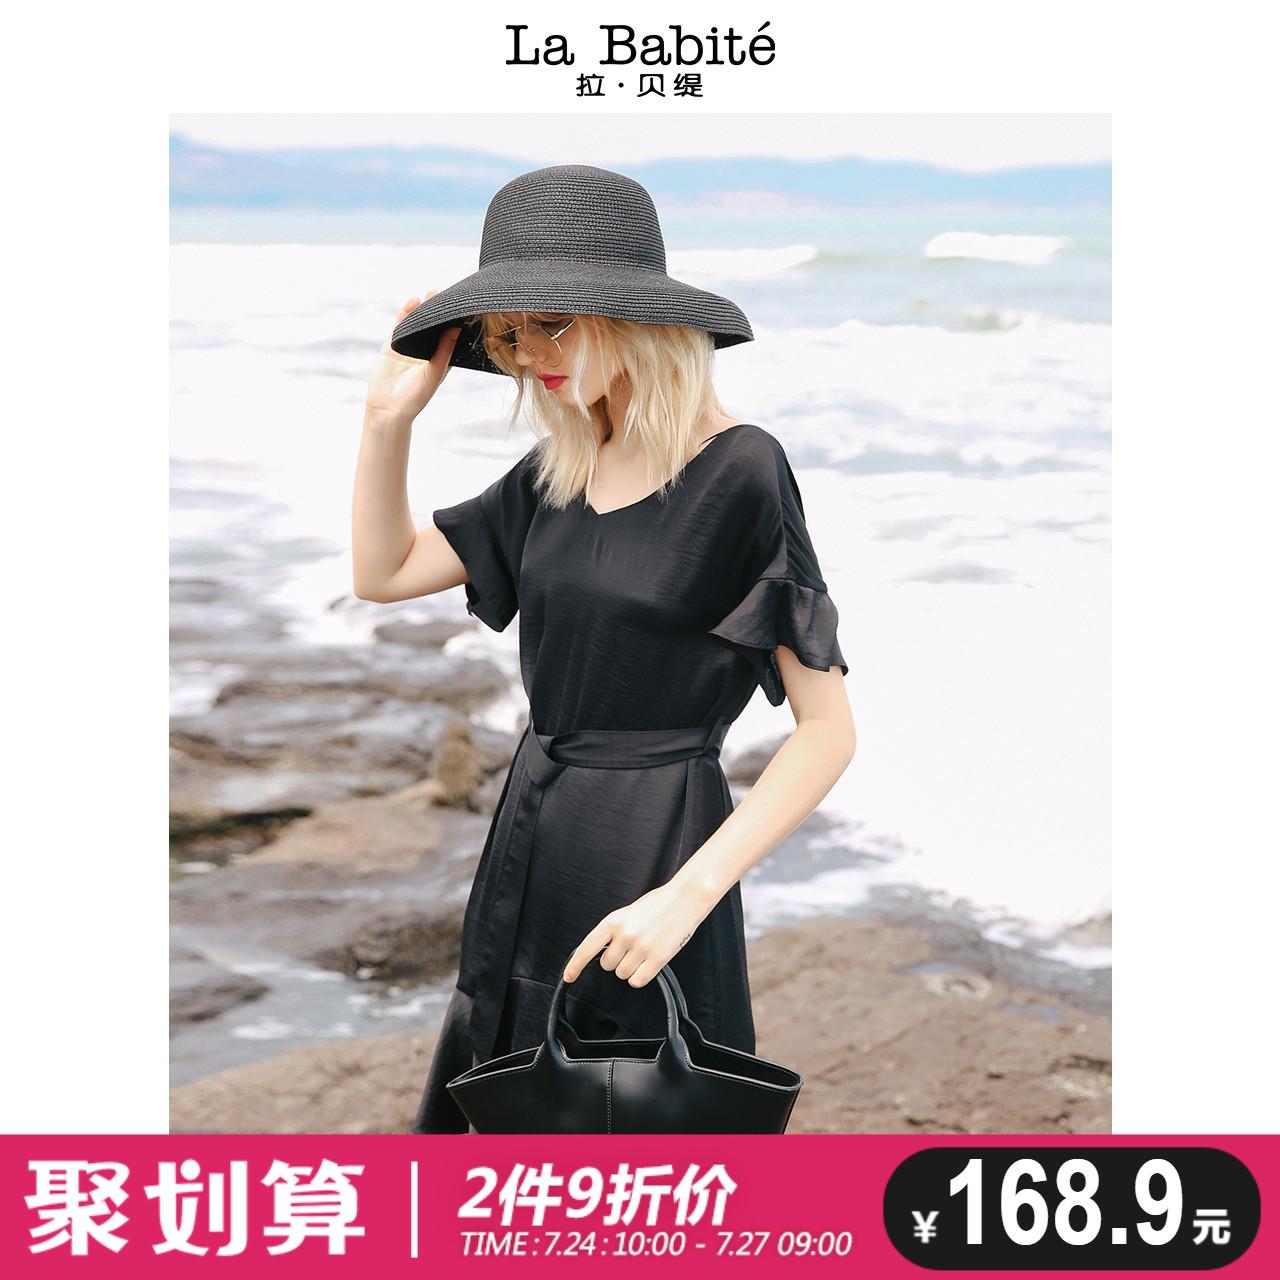 赫本小黑裙连衣裙女夏季2018新款气质冷淡风短款荷叶边鱼尾裙子仙